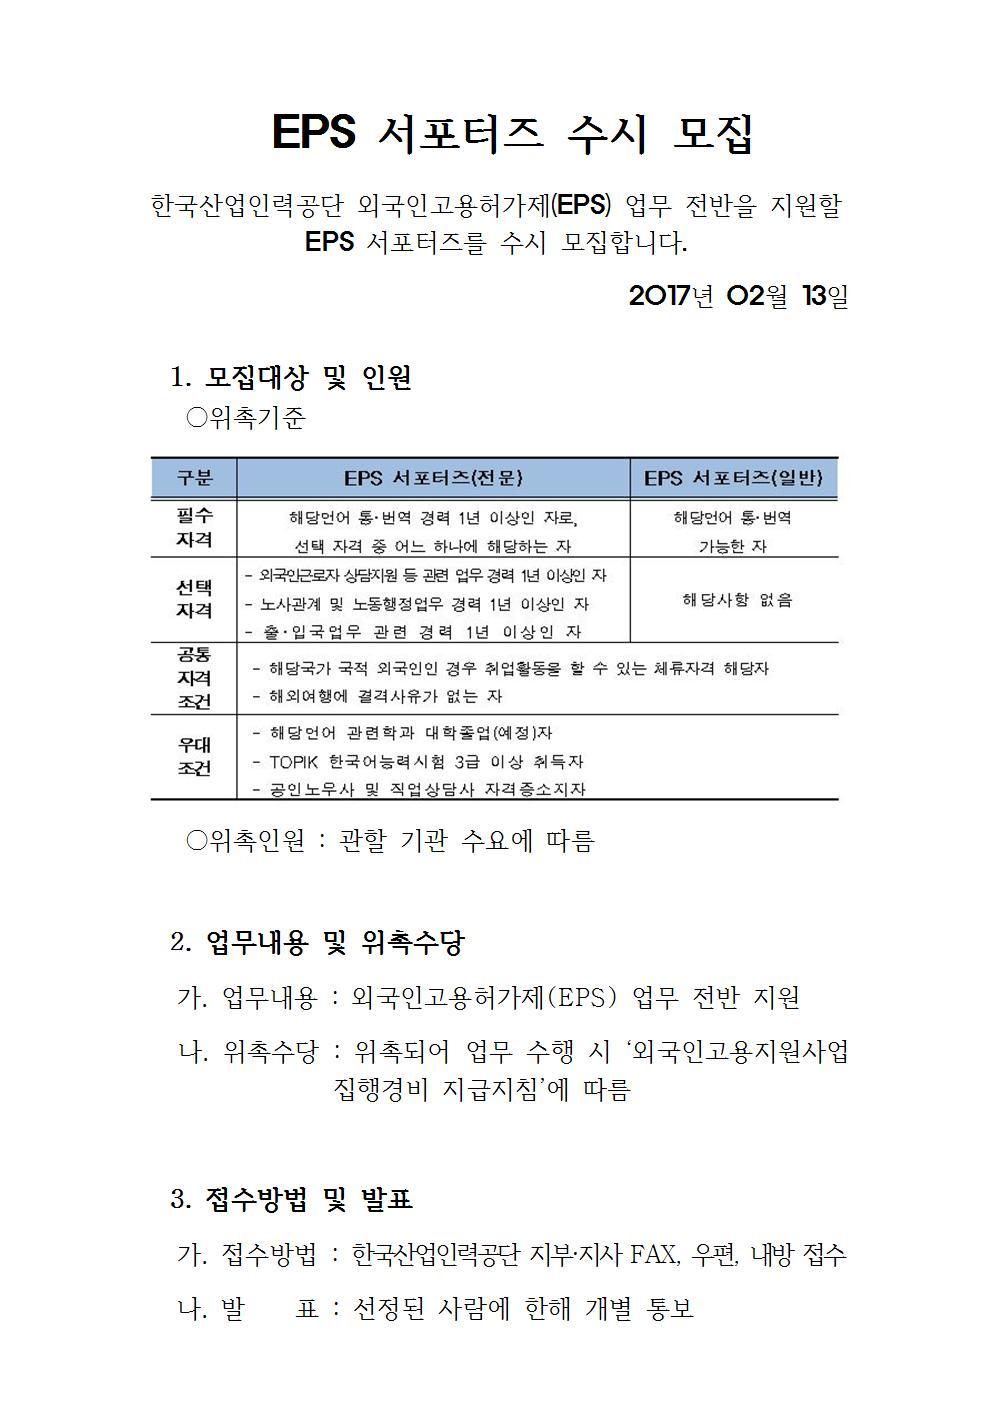 EPS 서포터즈 수시모집 한국산업인력공단 외국인고용허가제 업무전반을 지원할 EPS 서포터즈를 수시모집합니다.